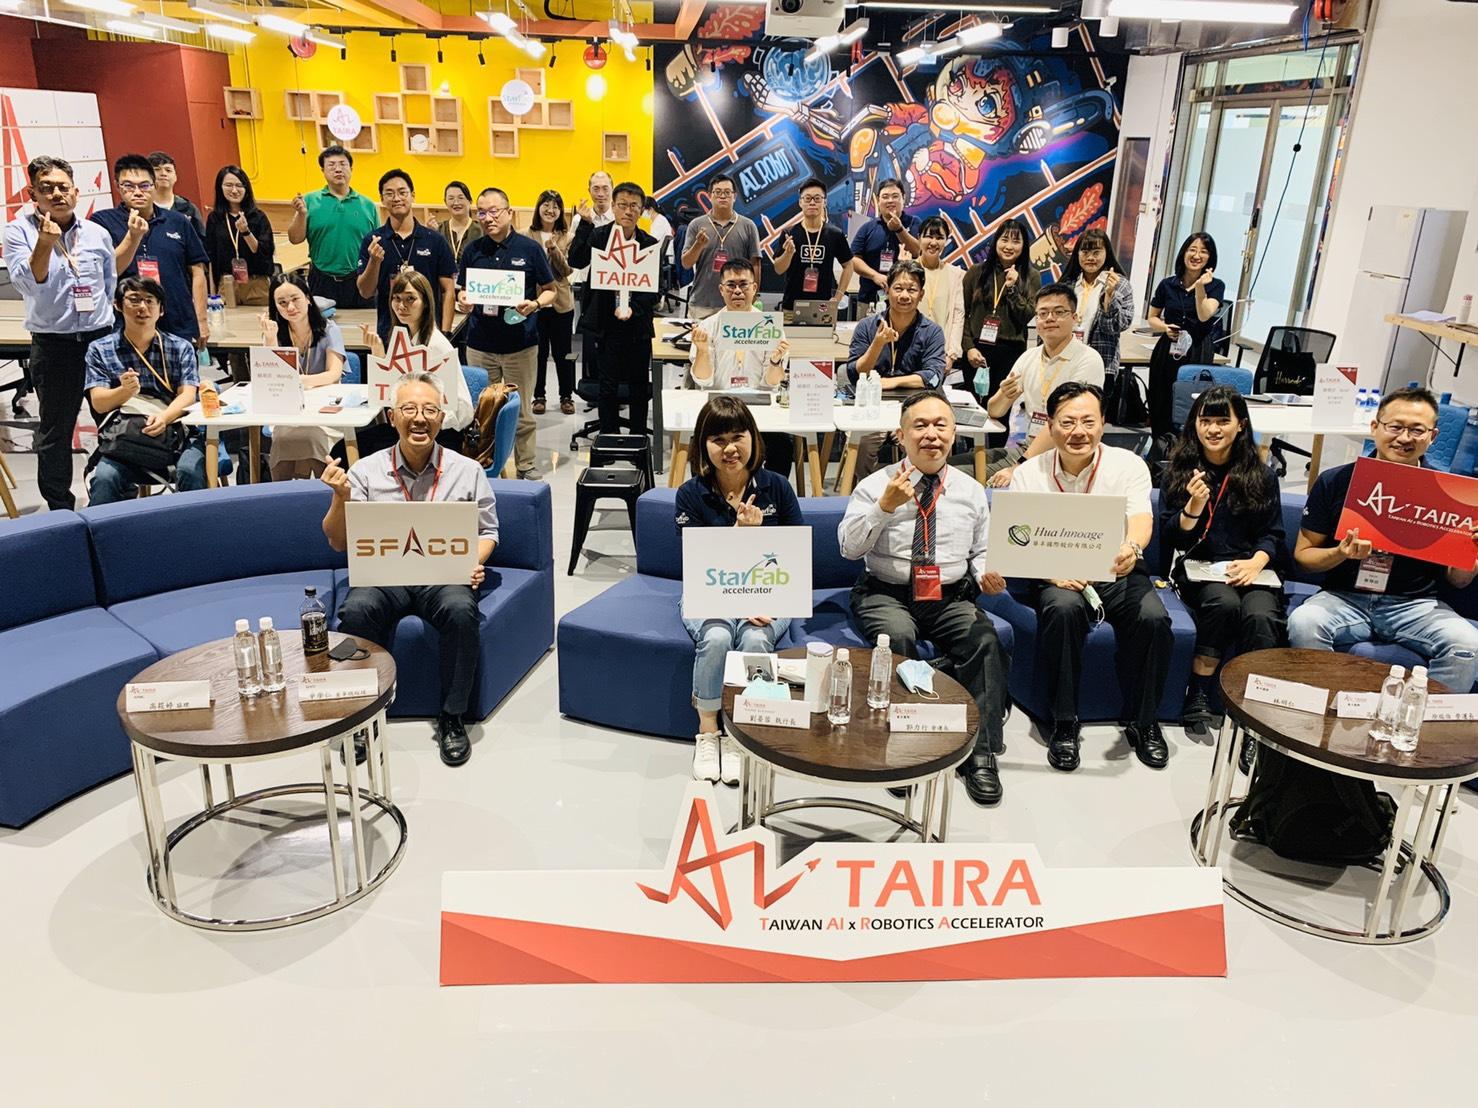 第三屆TAIRA開訓典禮 23組新創團隊歡樂齊聚